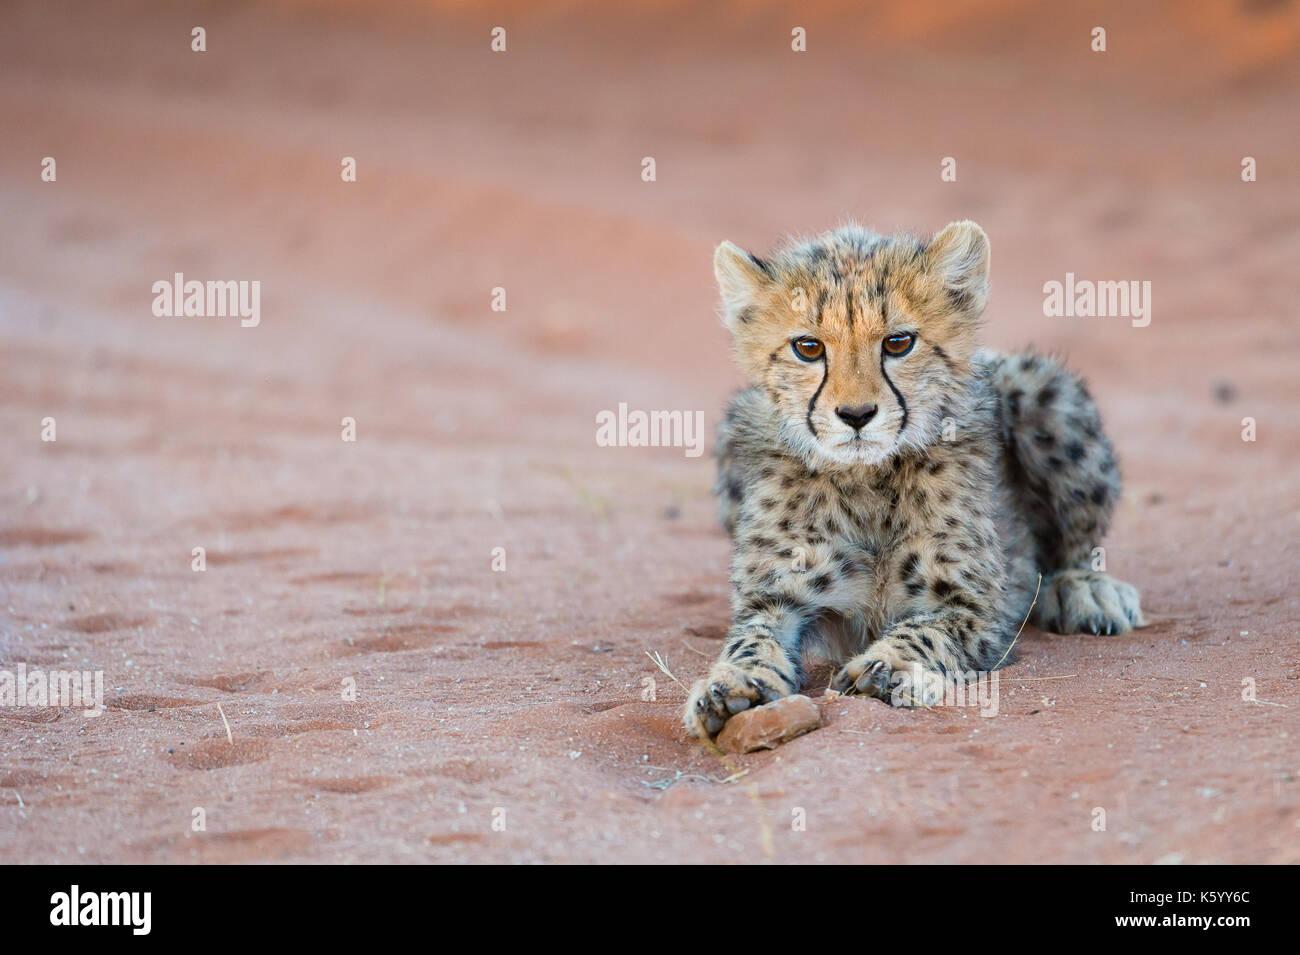 Cheetah Cub - Stock Image